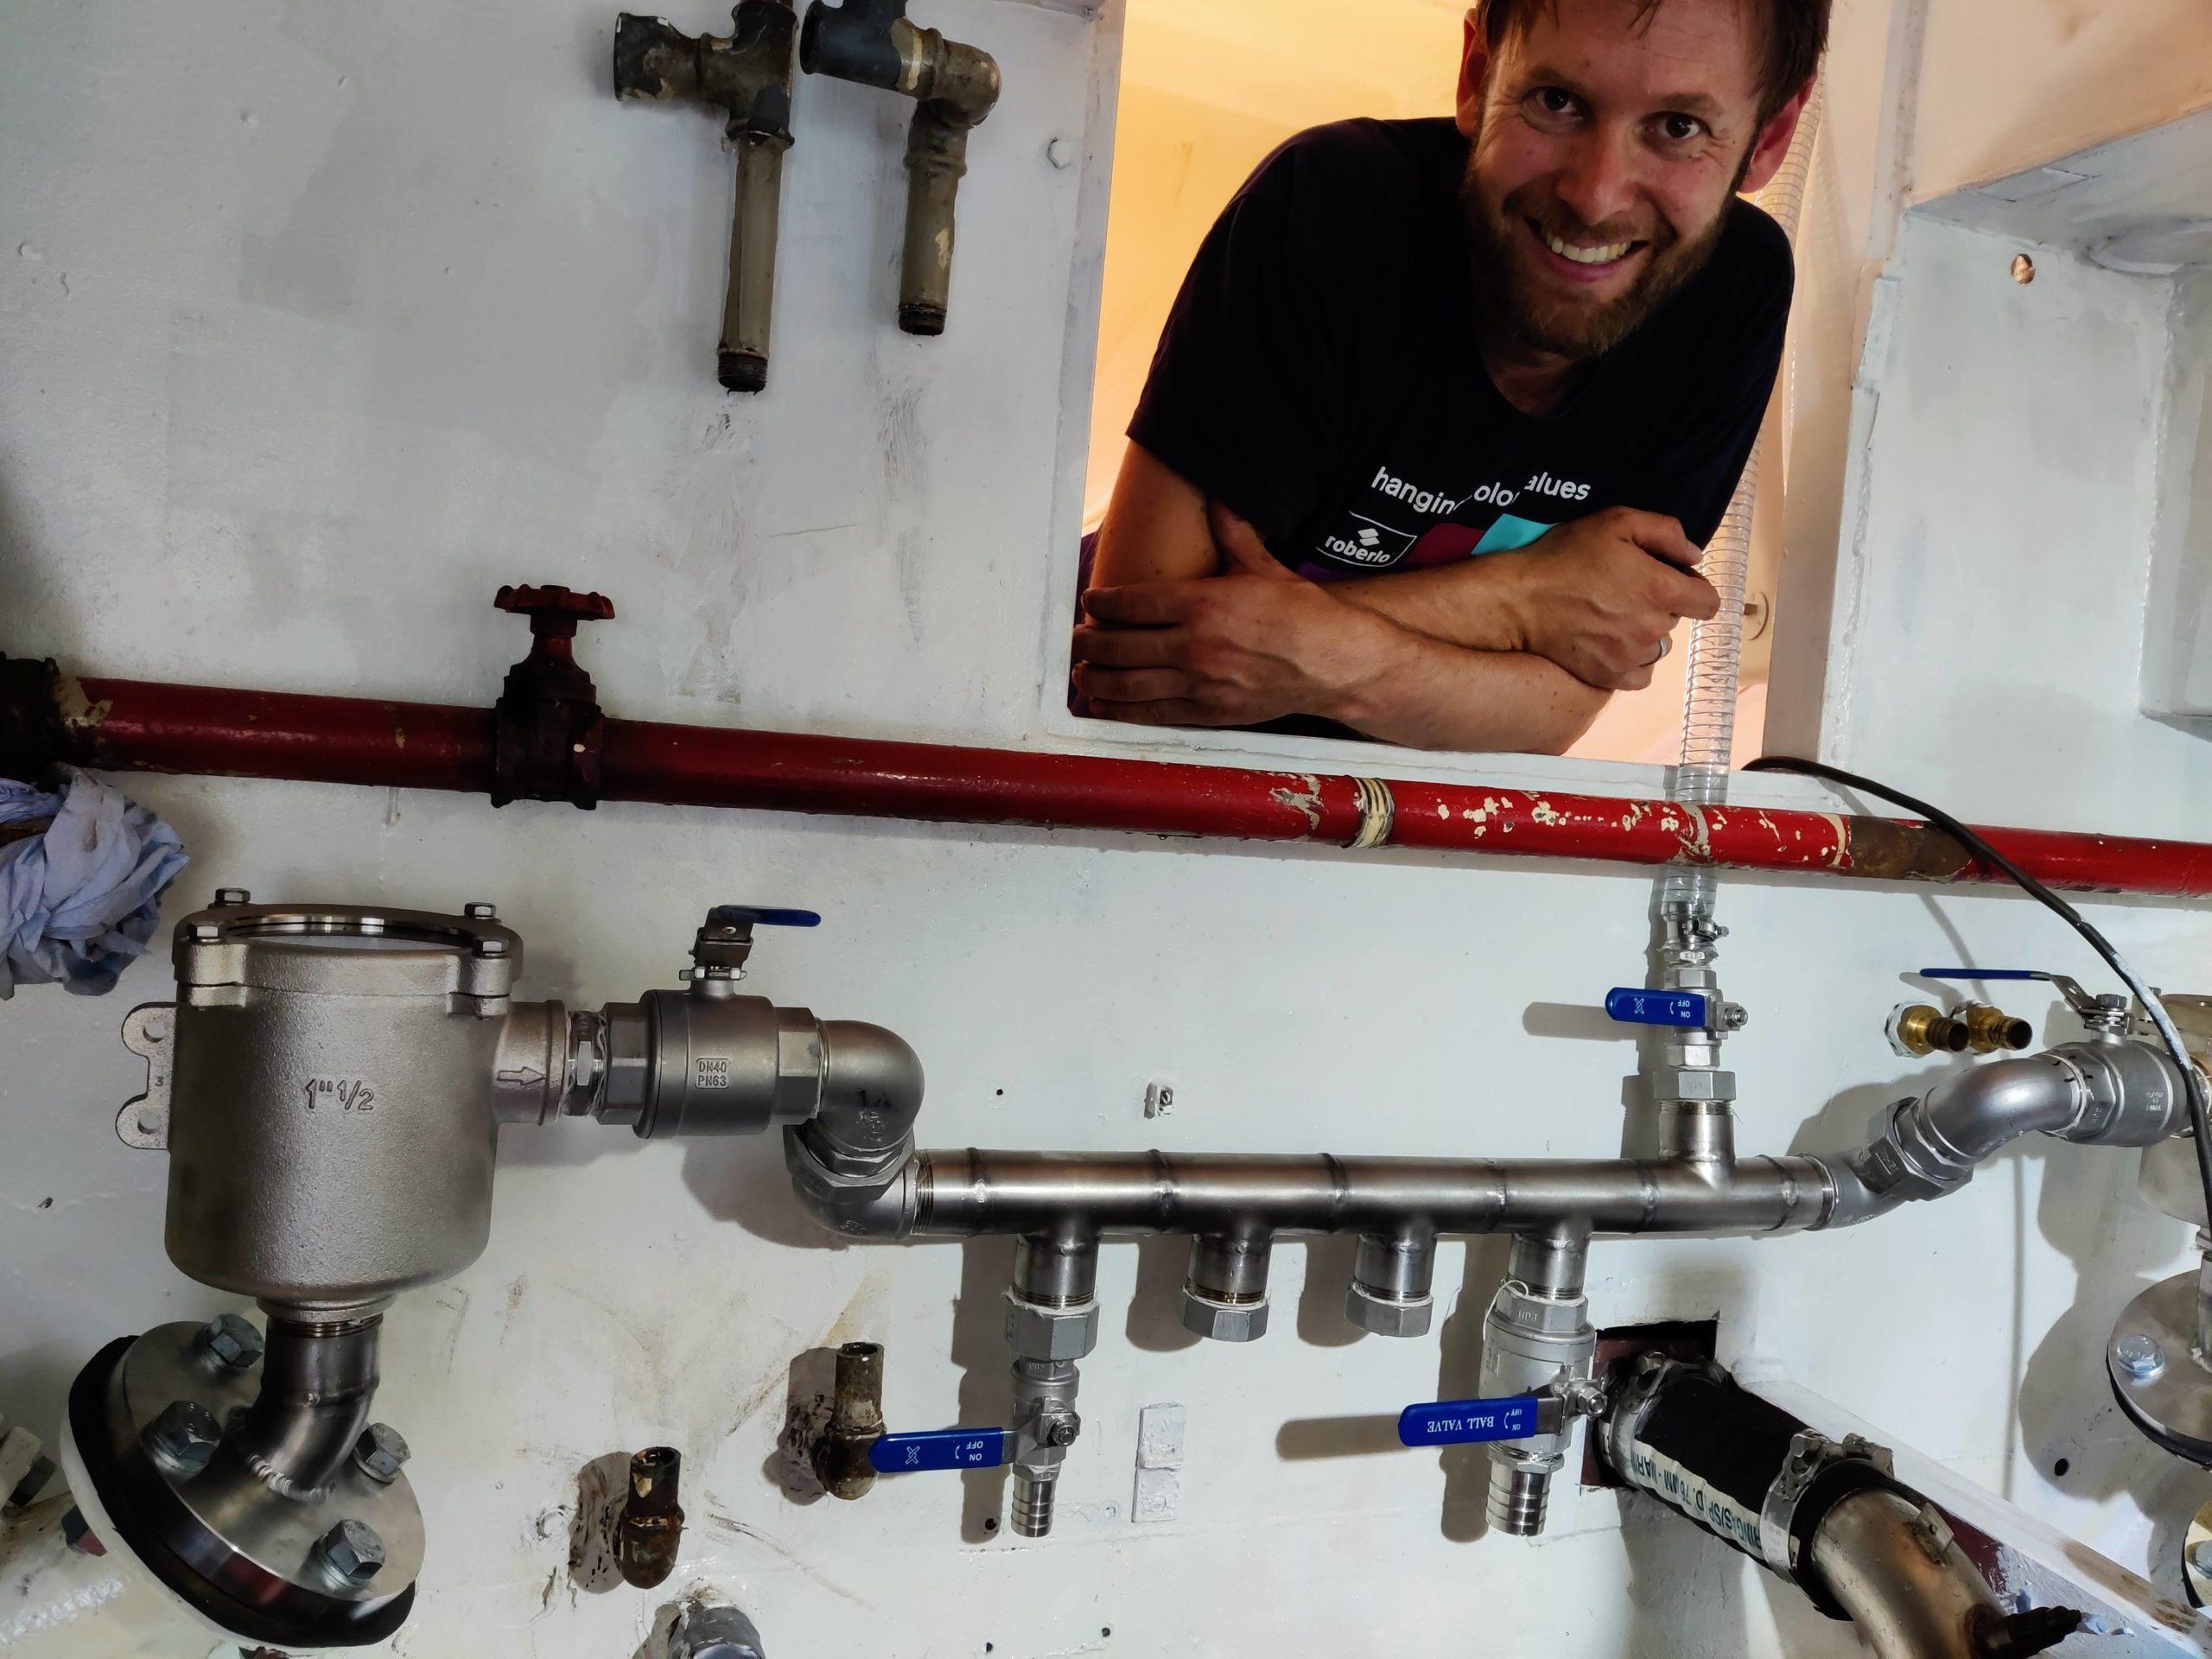 Baltic zeilschip cross-over koelwater